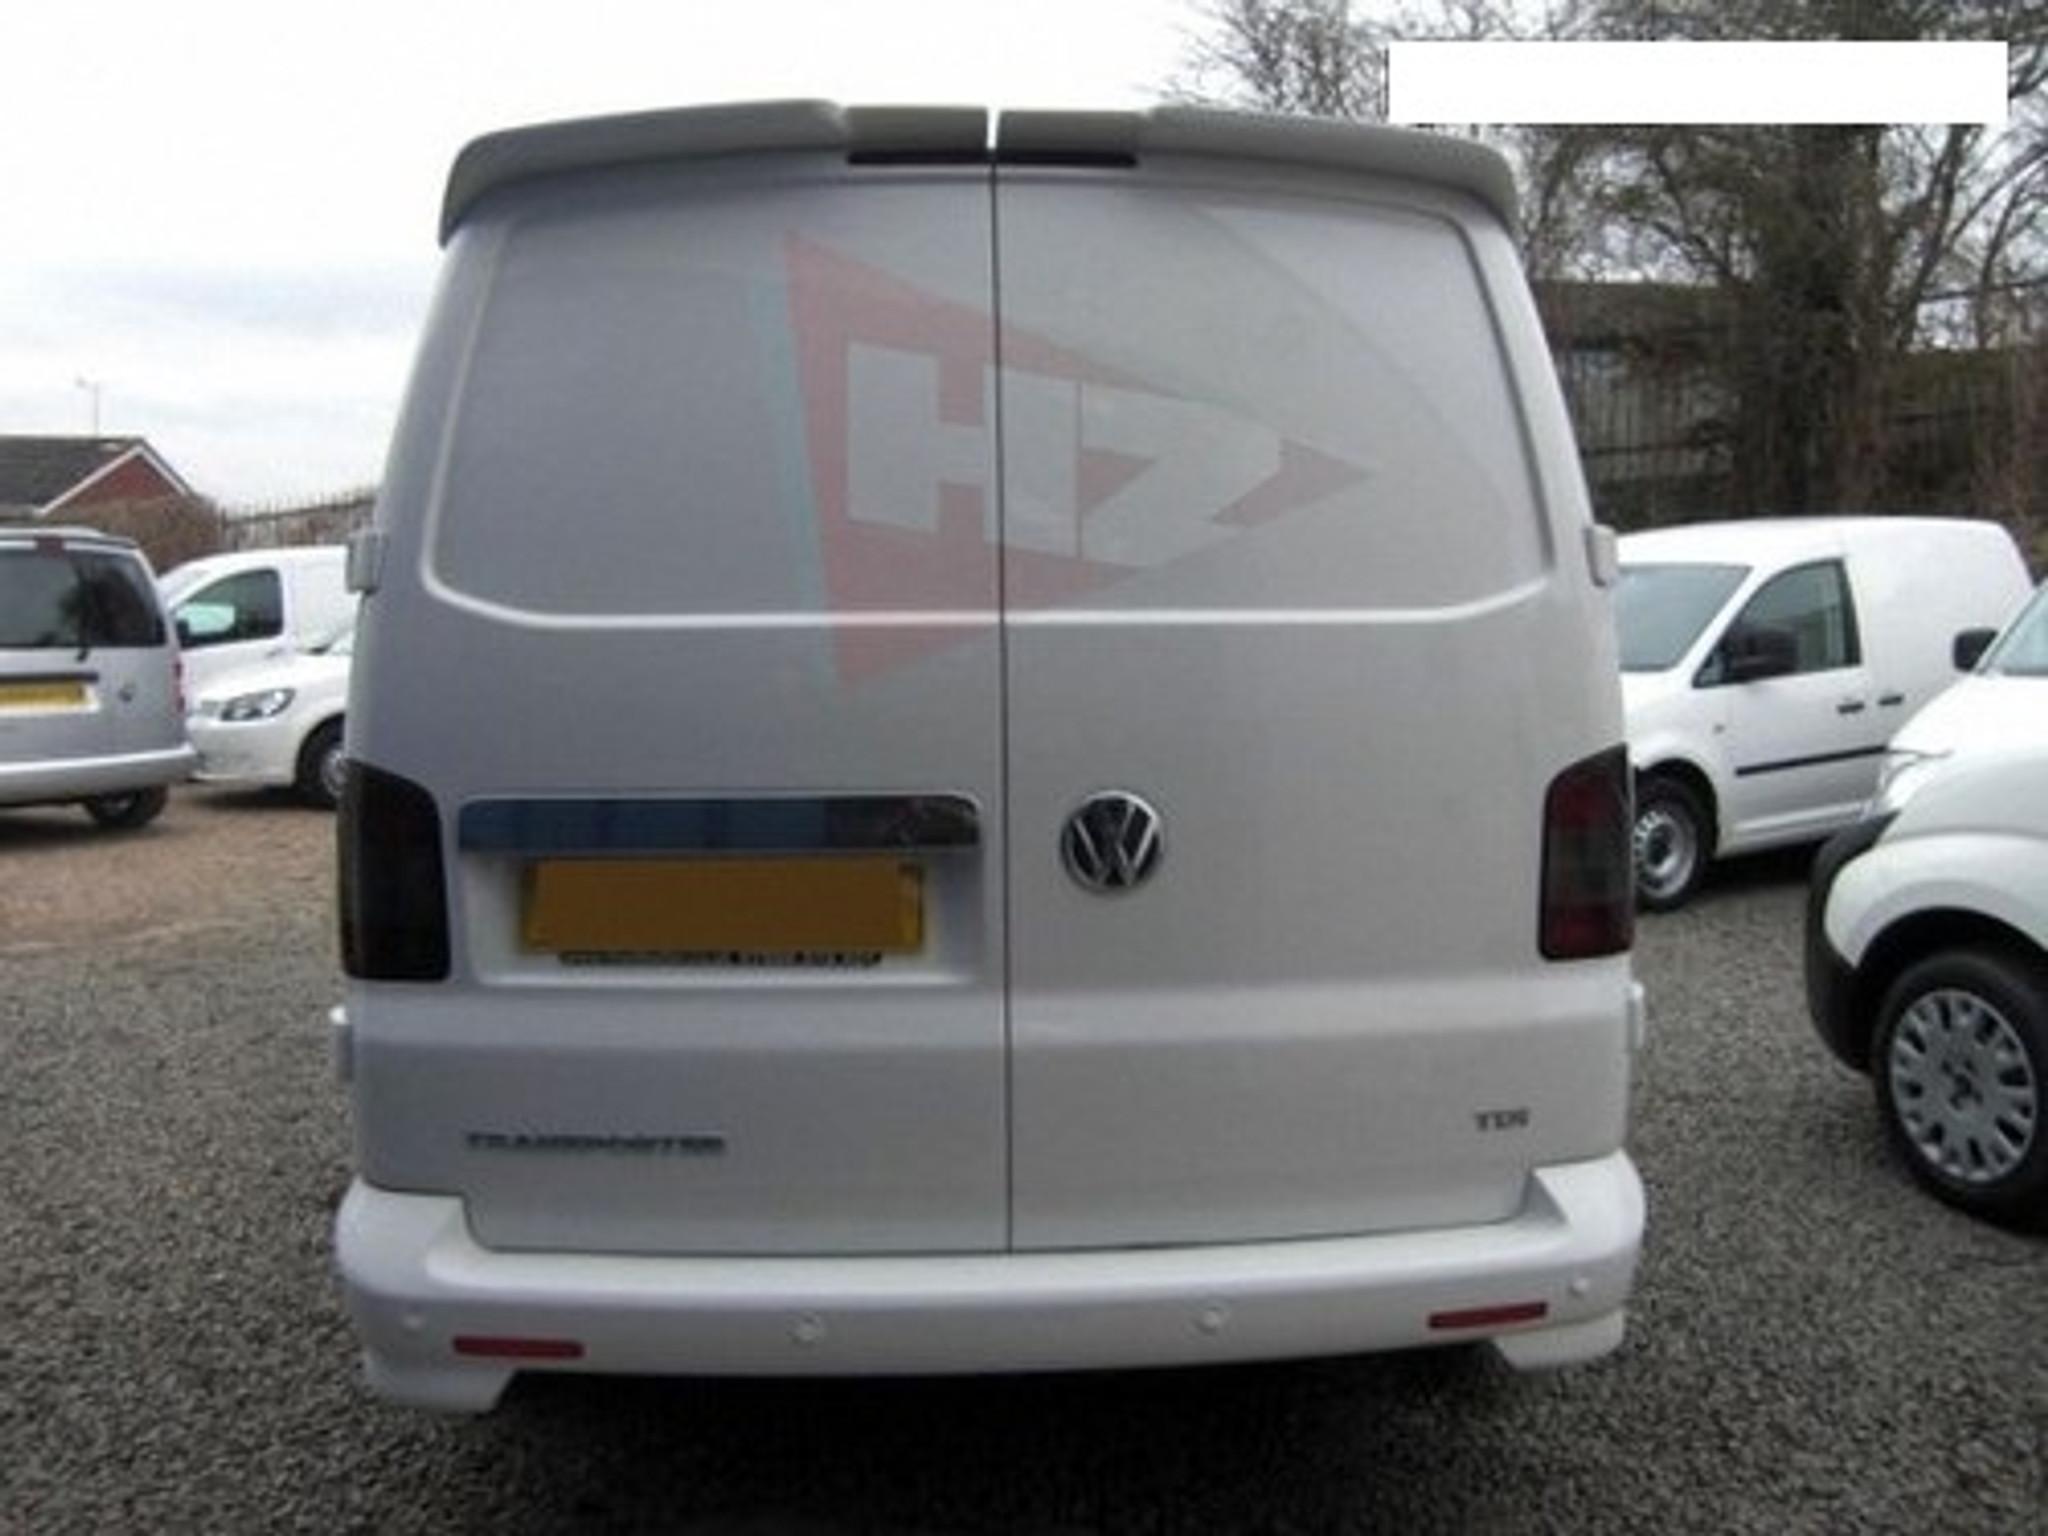 Barn Doors Volkswagen Transporters T5//T5.1 Rear Spoiler